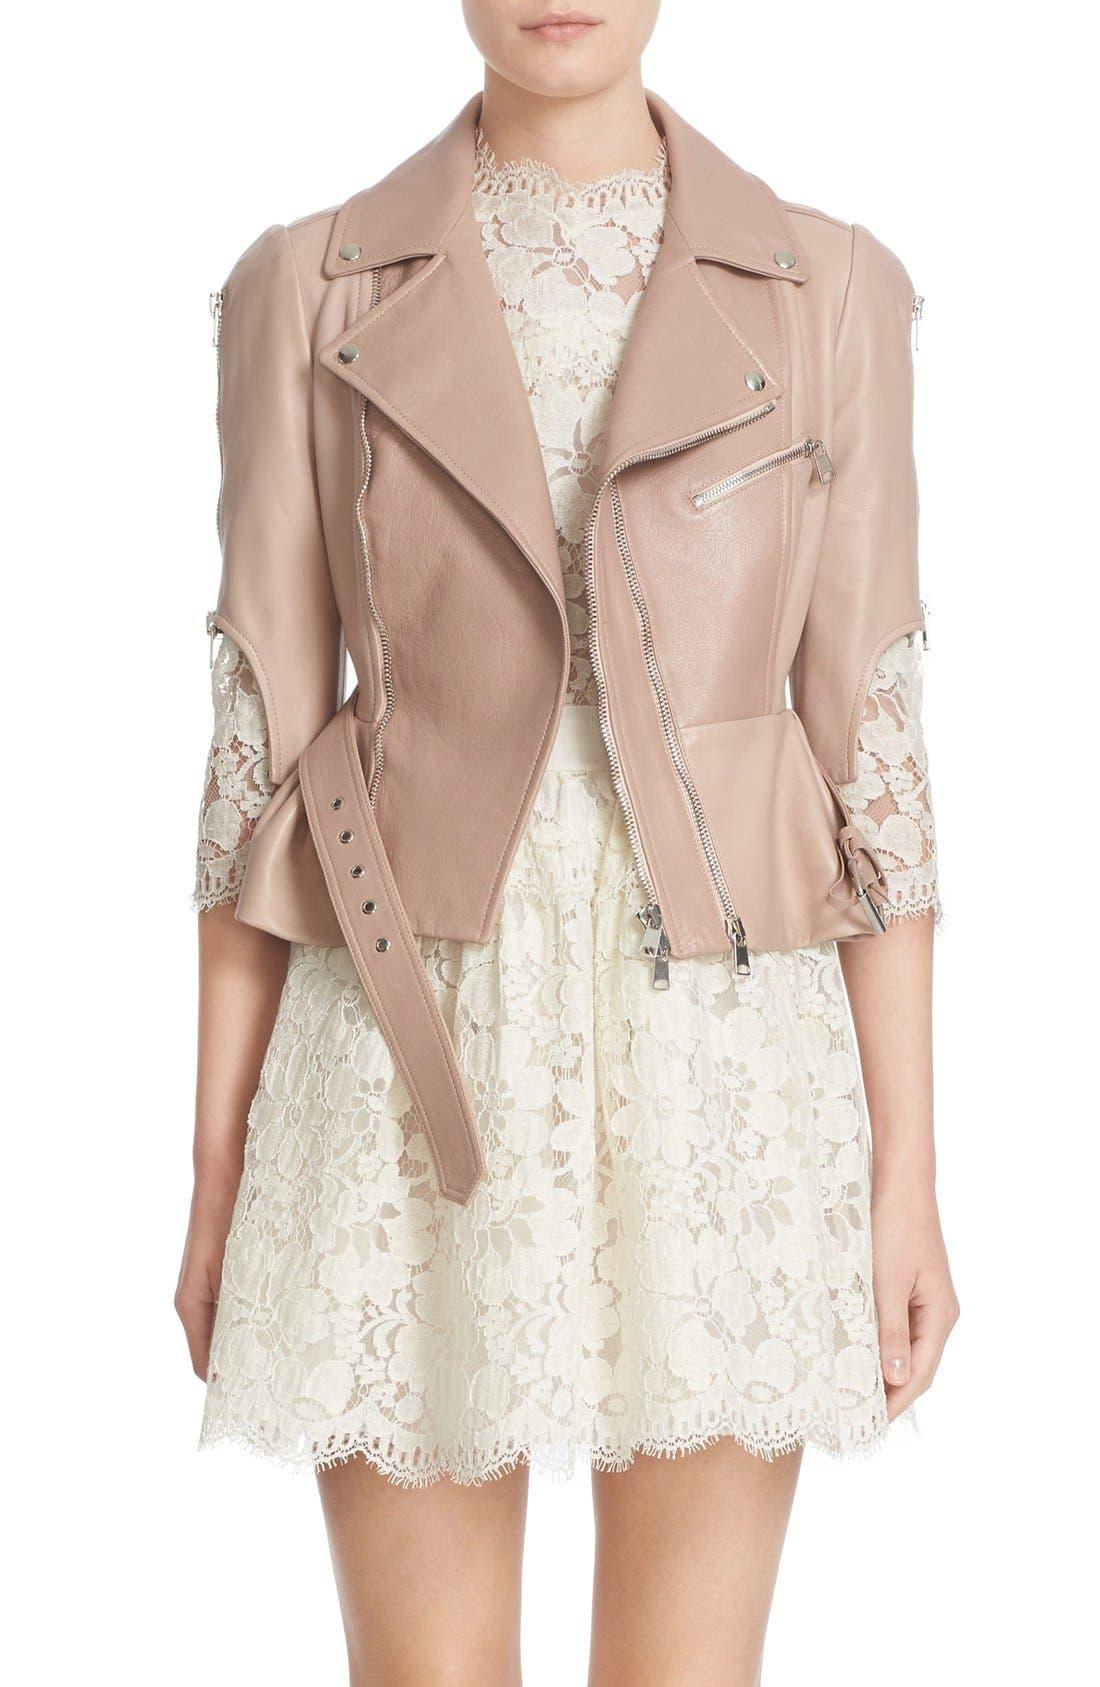 Alternate Image 1 Selected - Alexander McQueen Crop Lambskin Leather Jacket